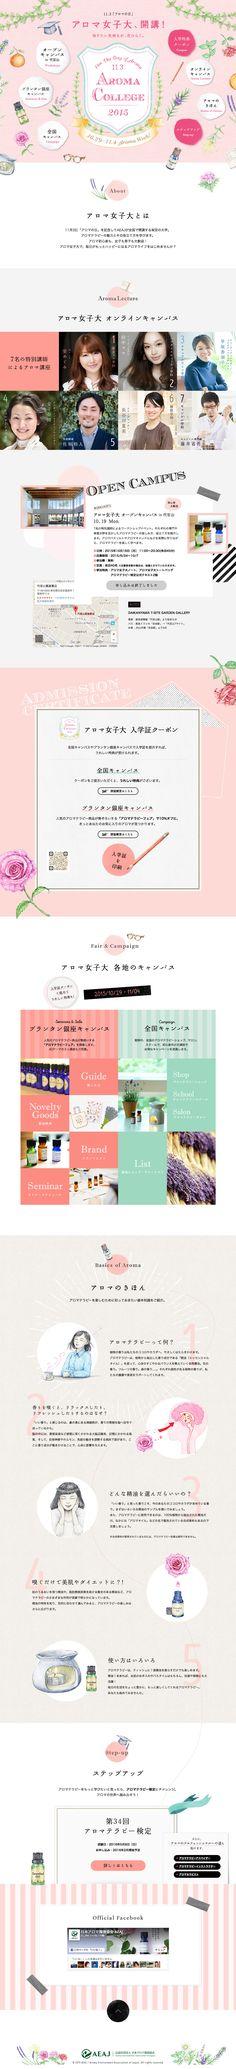 アロマ女子大 - 公益社団法人 日本アロマ環境協会 - 女性向けで、イラストのポイント使いとか、適度に動きのあるデザインがステキ♡|webdesign, design, lp, landingpage, natural, pink, beige